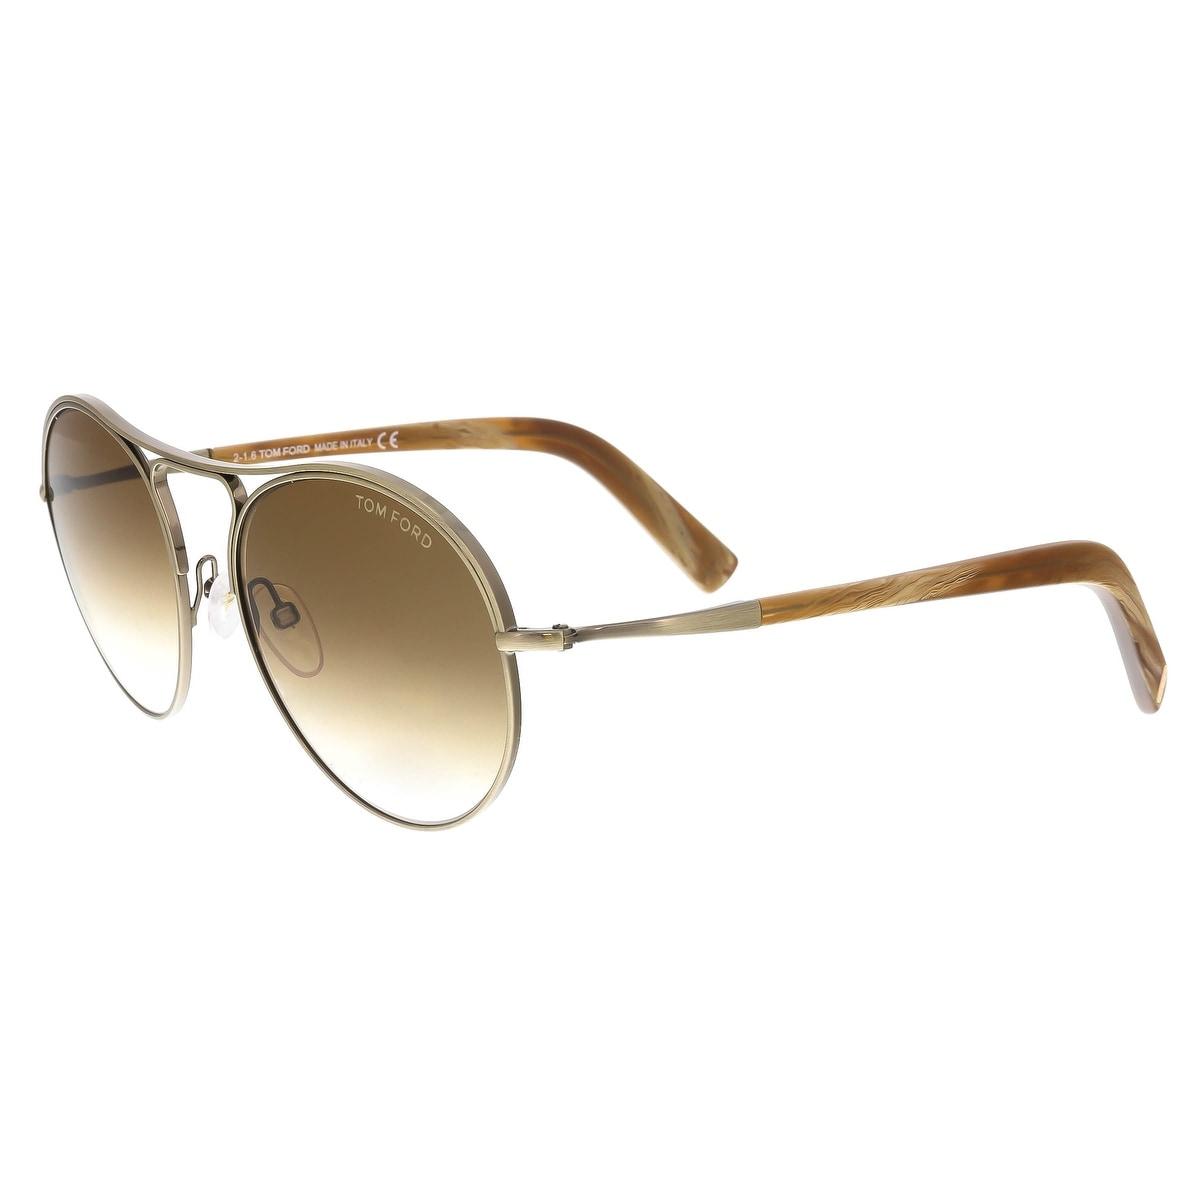 44b5de6e130 Tom Ford Women s Sunglasses